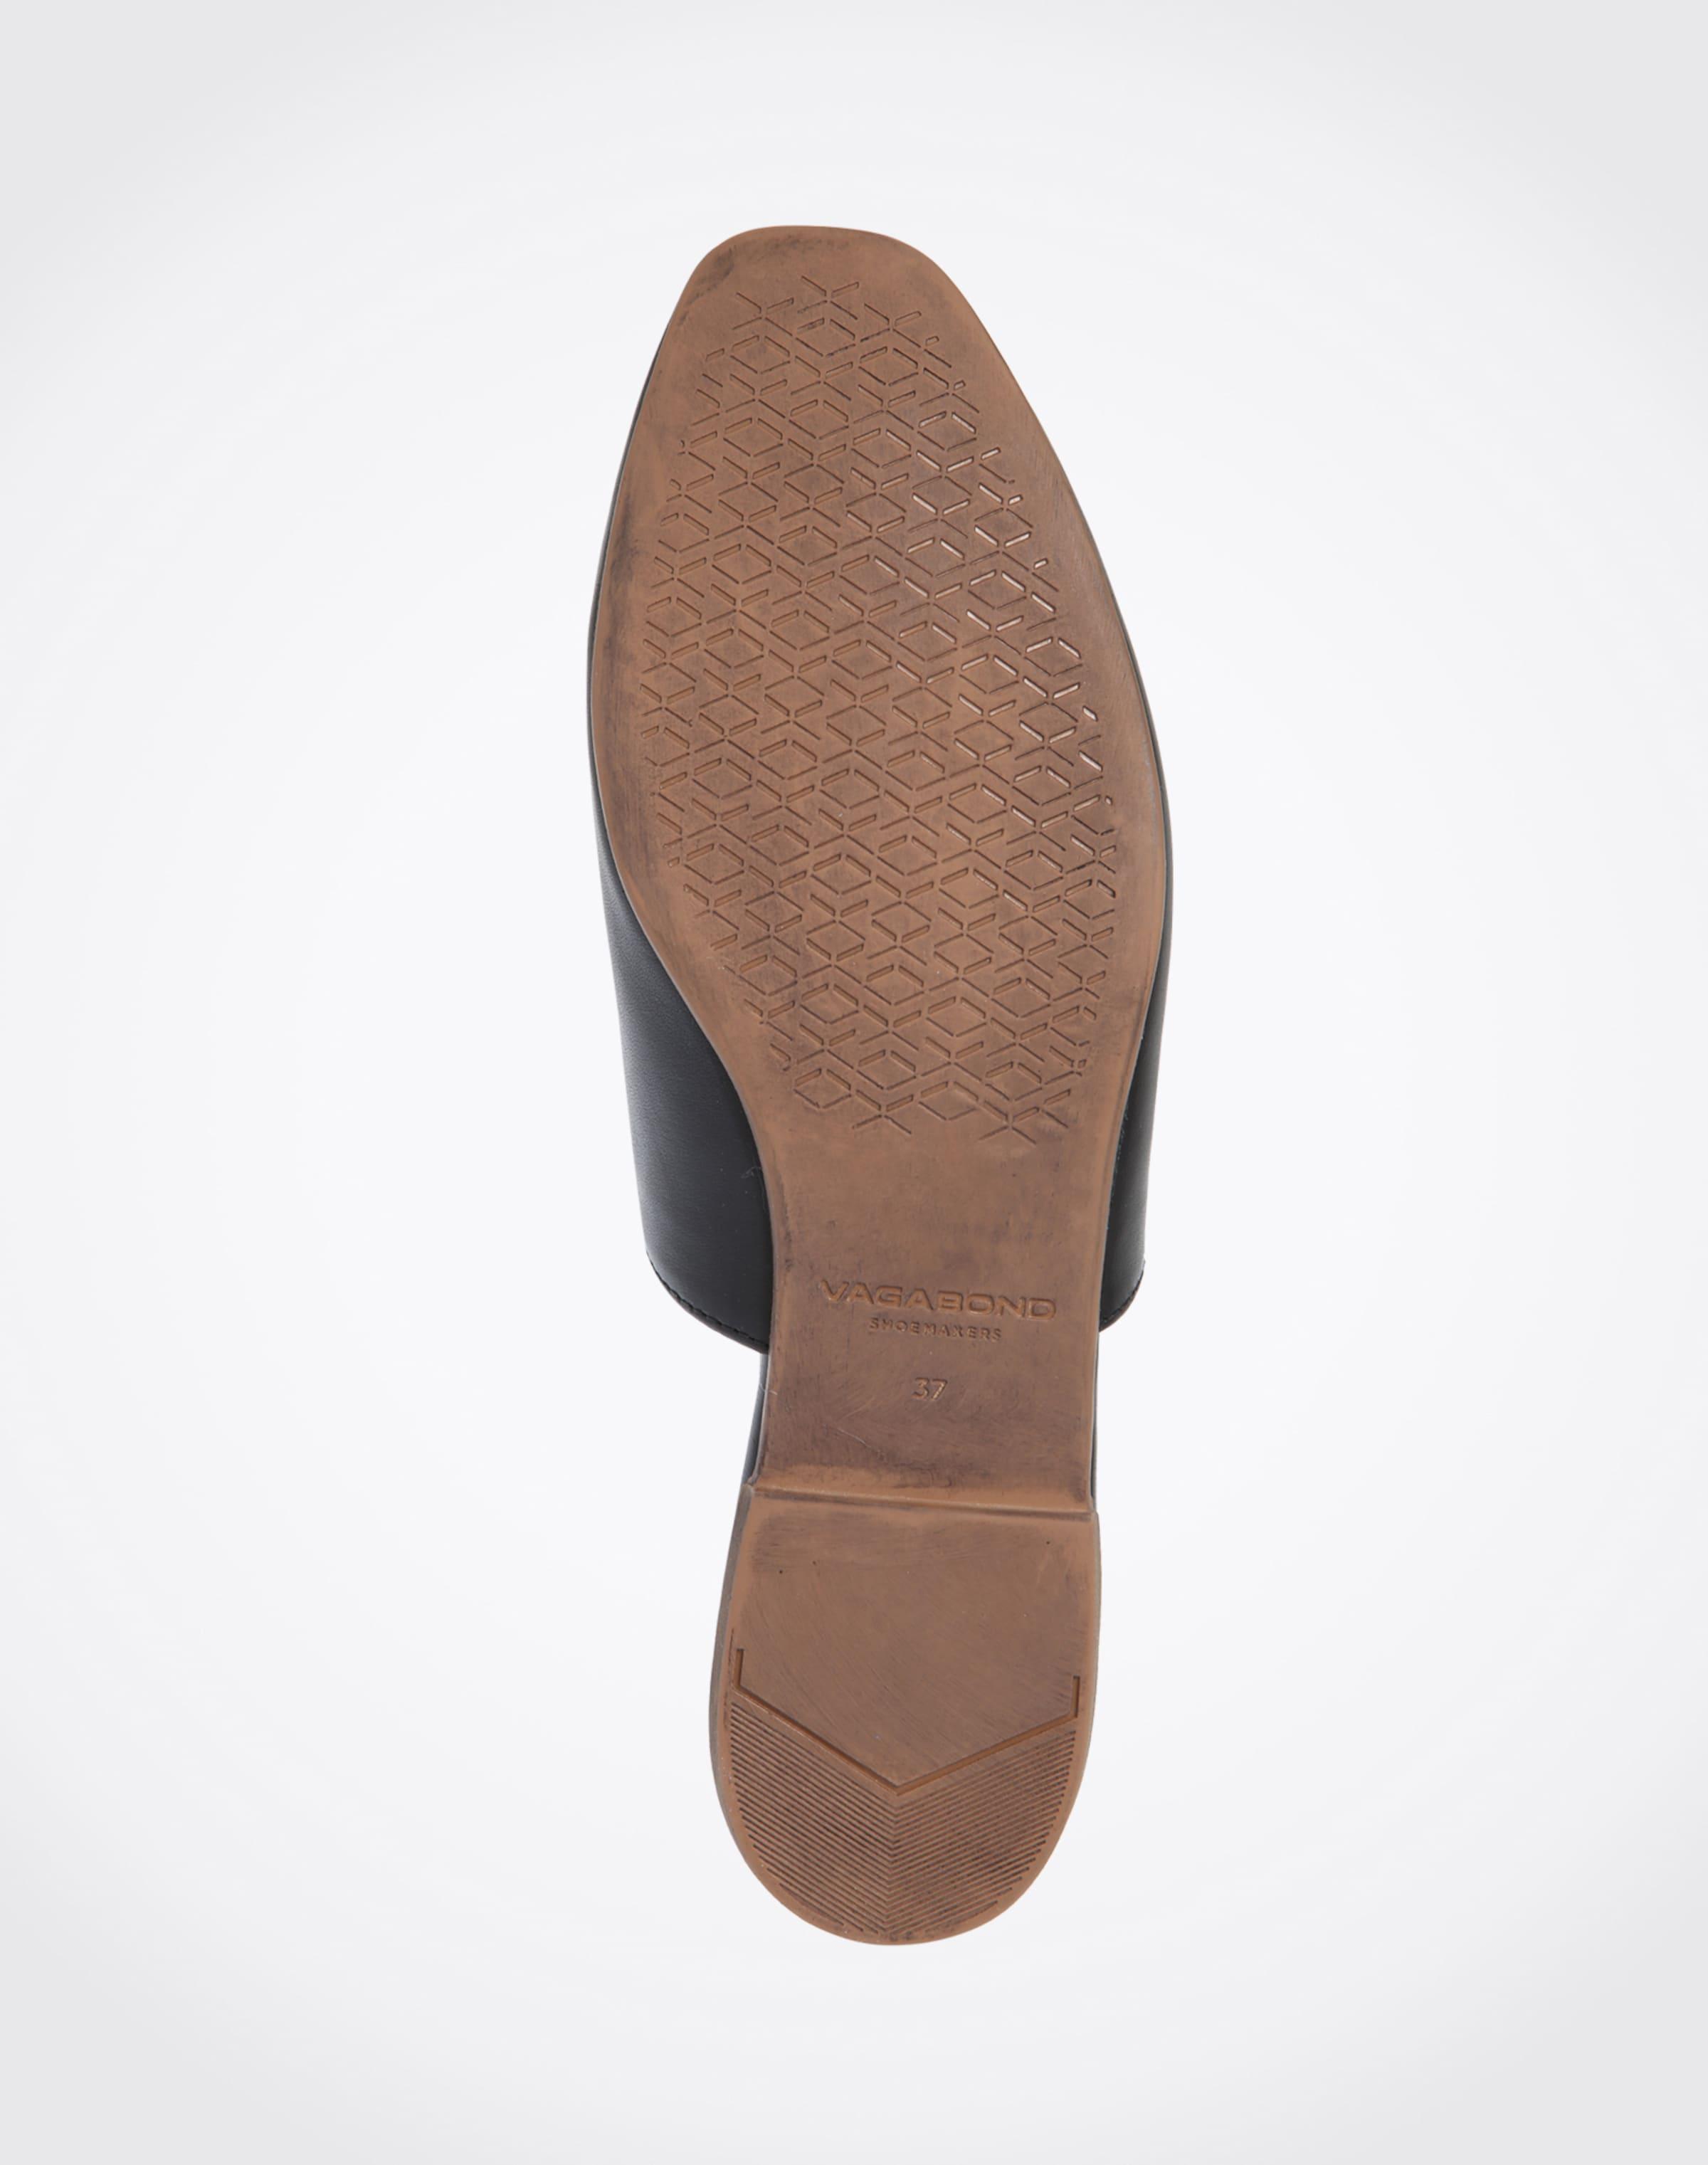 Spielraum Sast Spielraum Großer Verkauf VAGABOND SHOEMAKERS Pantoletten aus Leder 'Ayden Mule' vxXDoKPoI